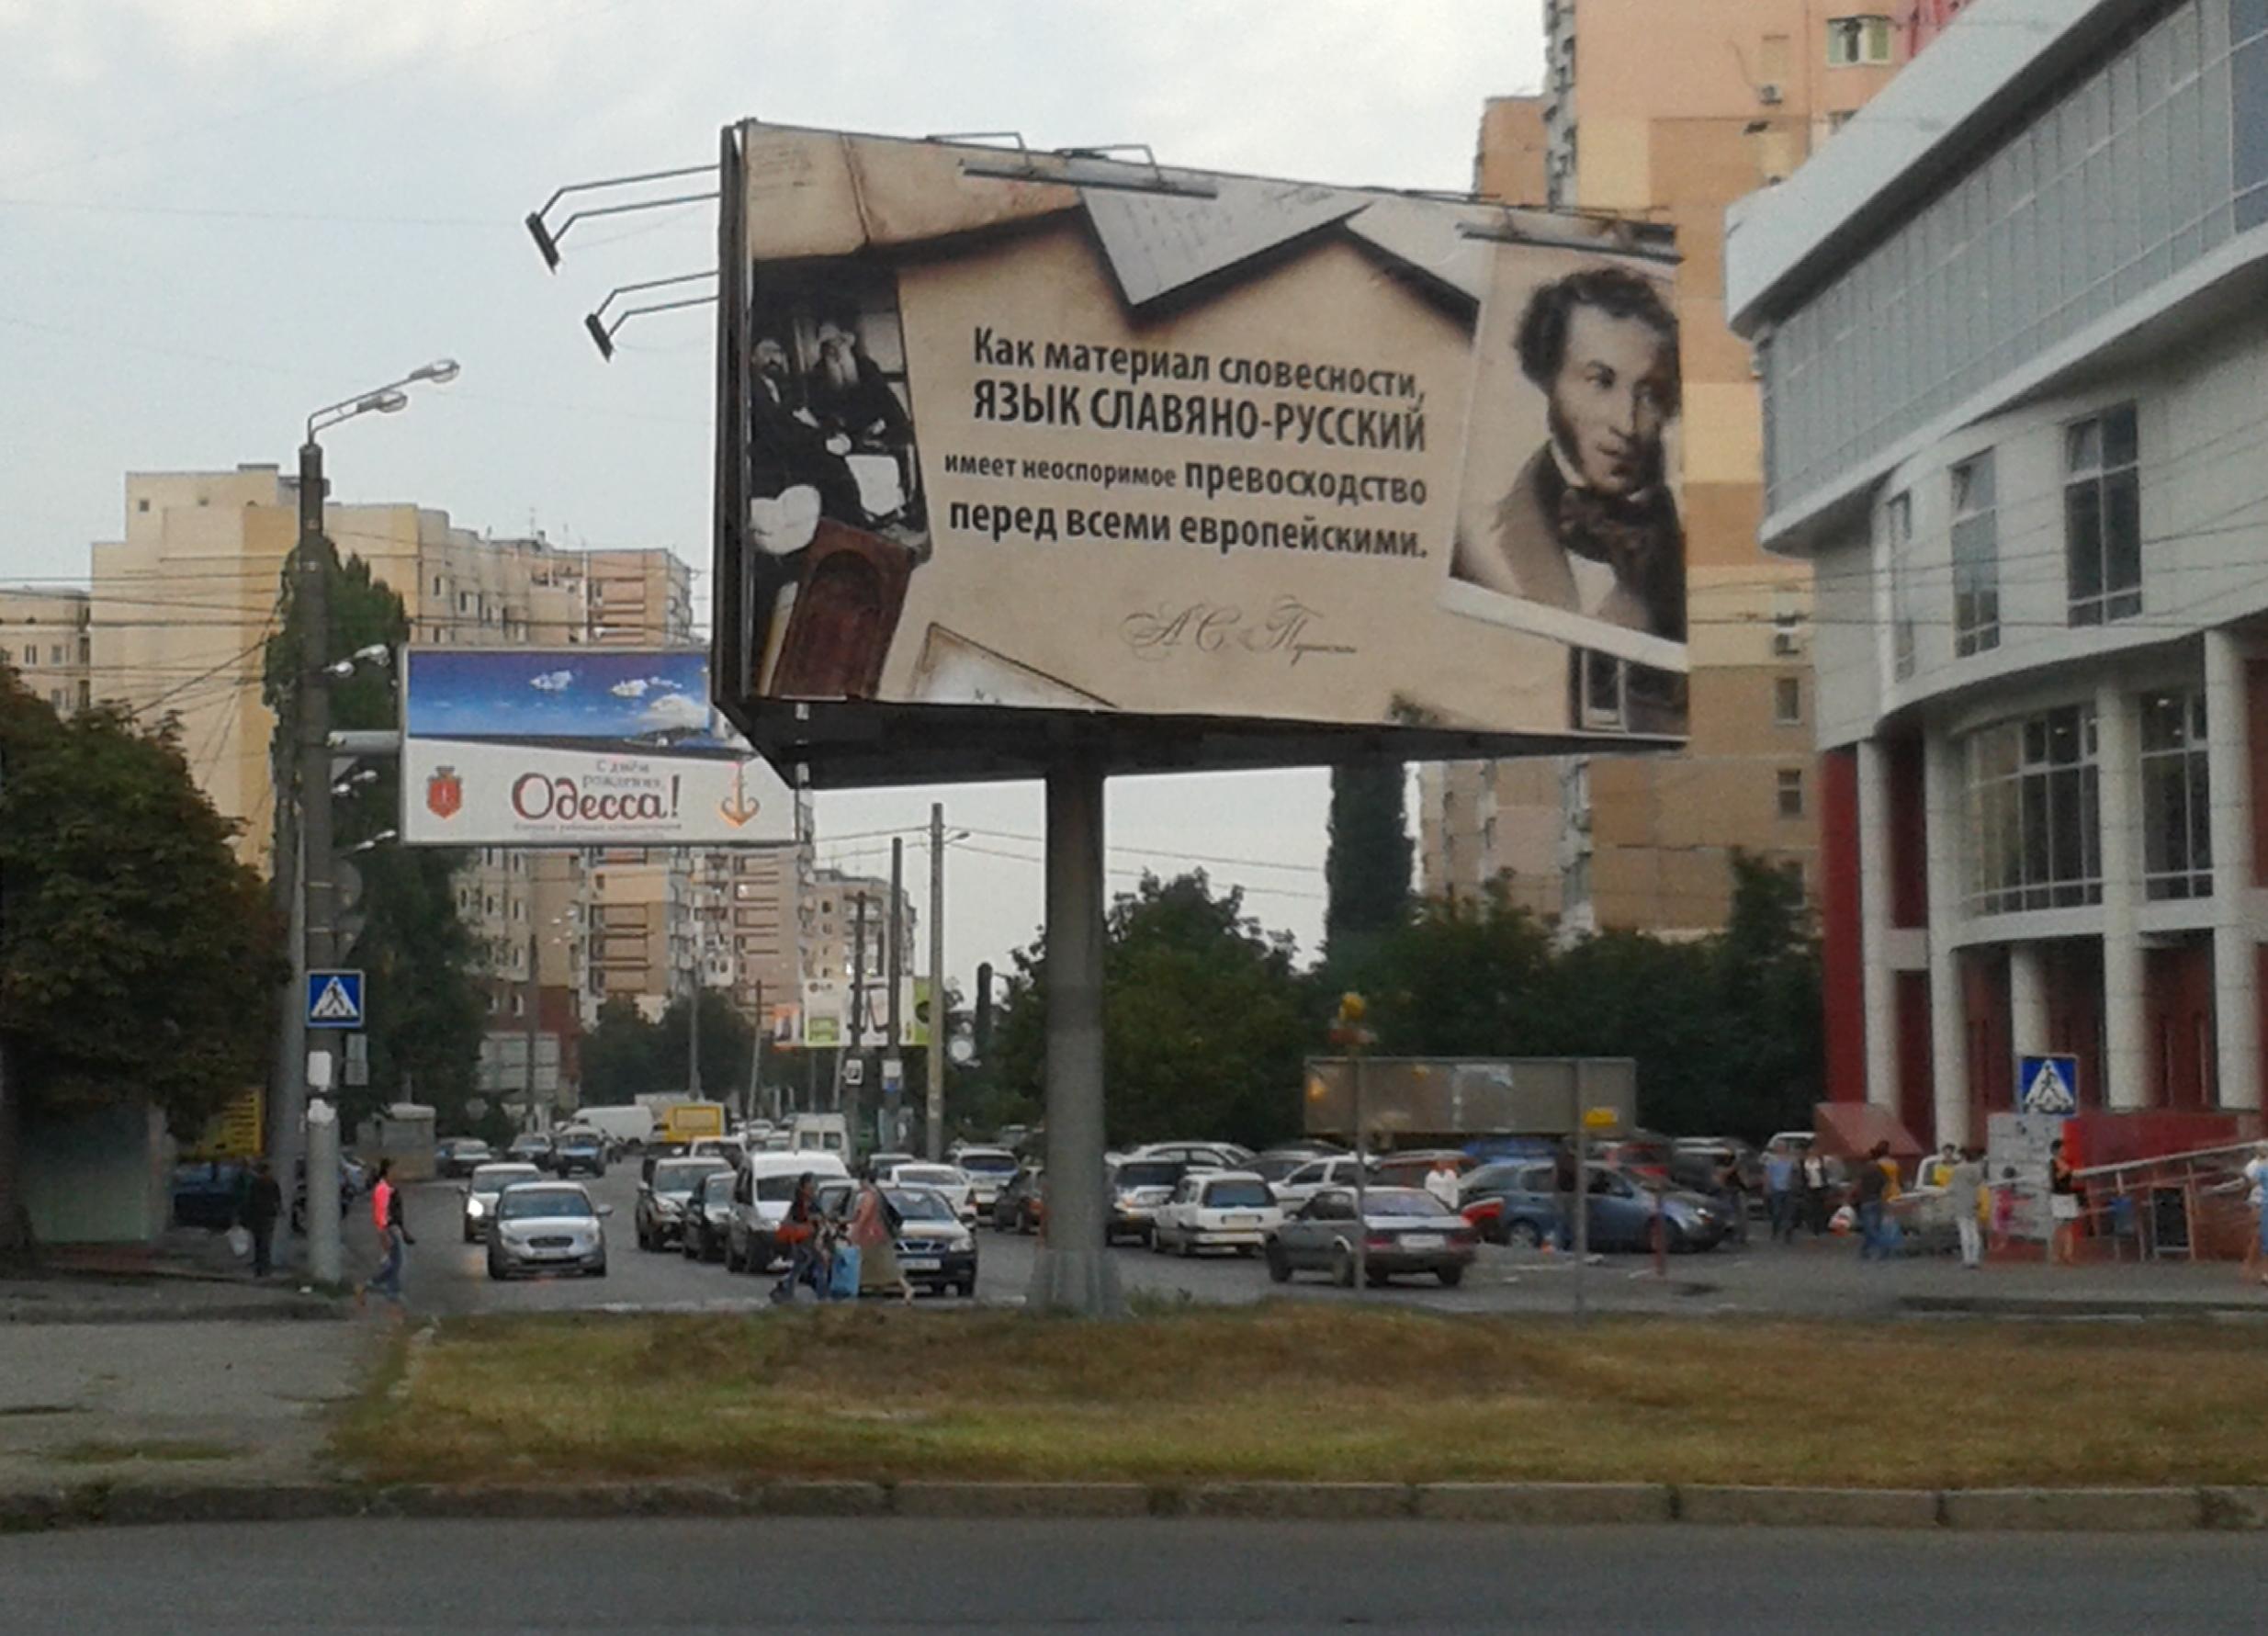 """Иностранные спецслужбы пытались создать """"Бессарабскую народную республику"""". Планировался заход """"зеленых человечков"""" с территории Приднестровья, - Грицак - Цензор.НЕТ 5257"""